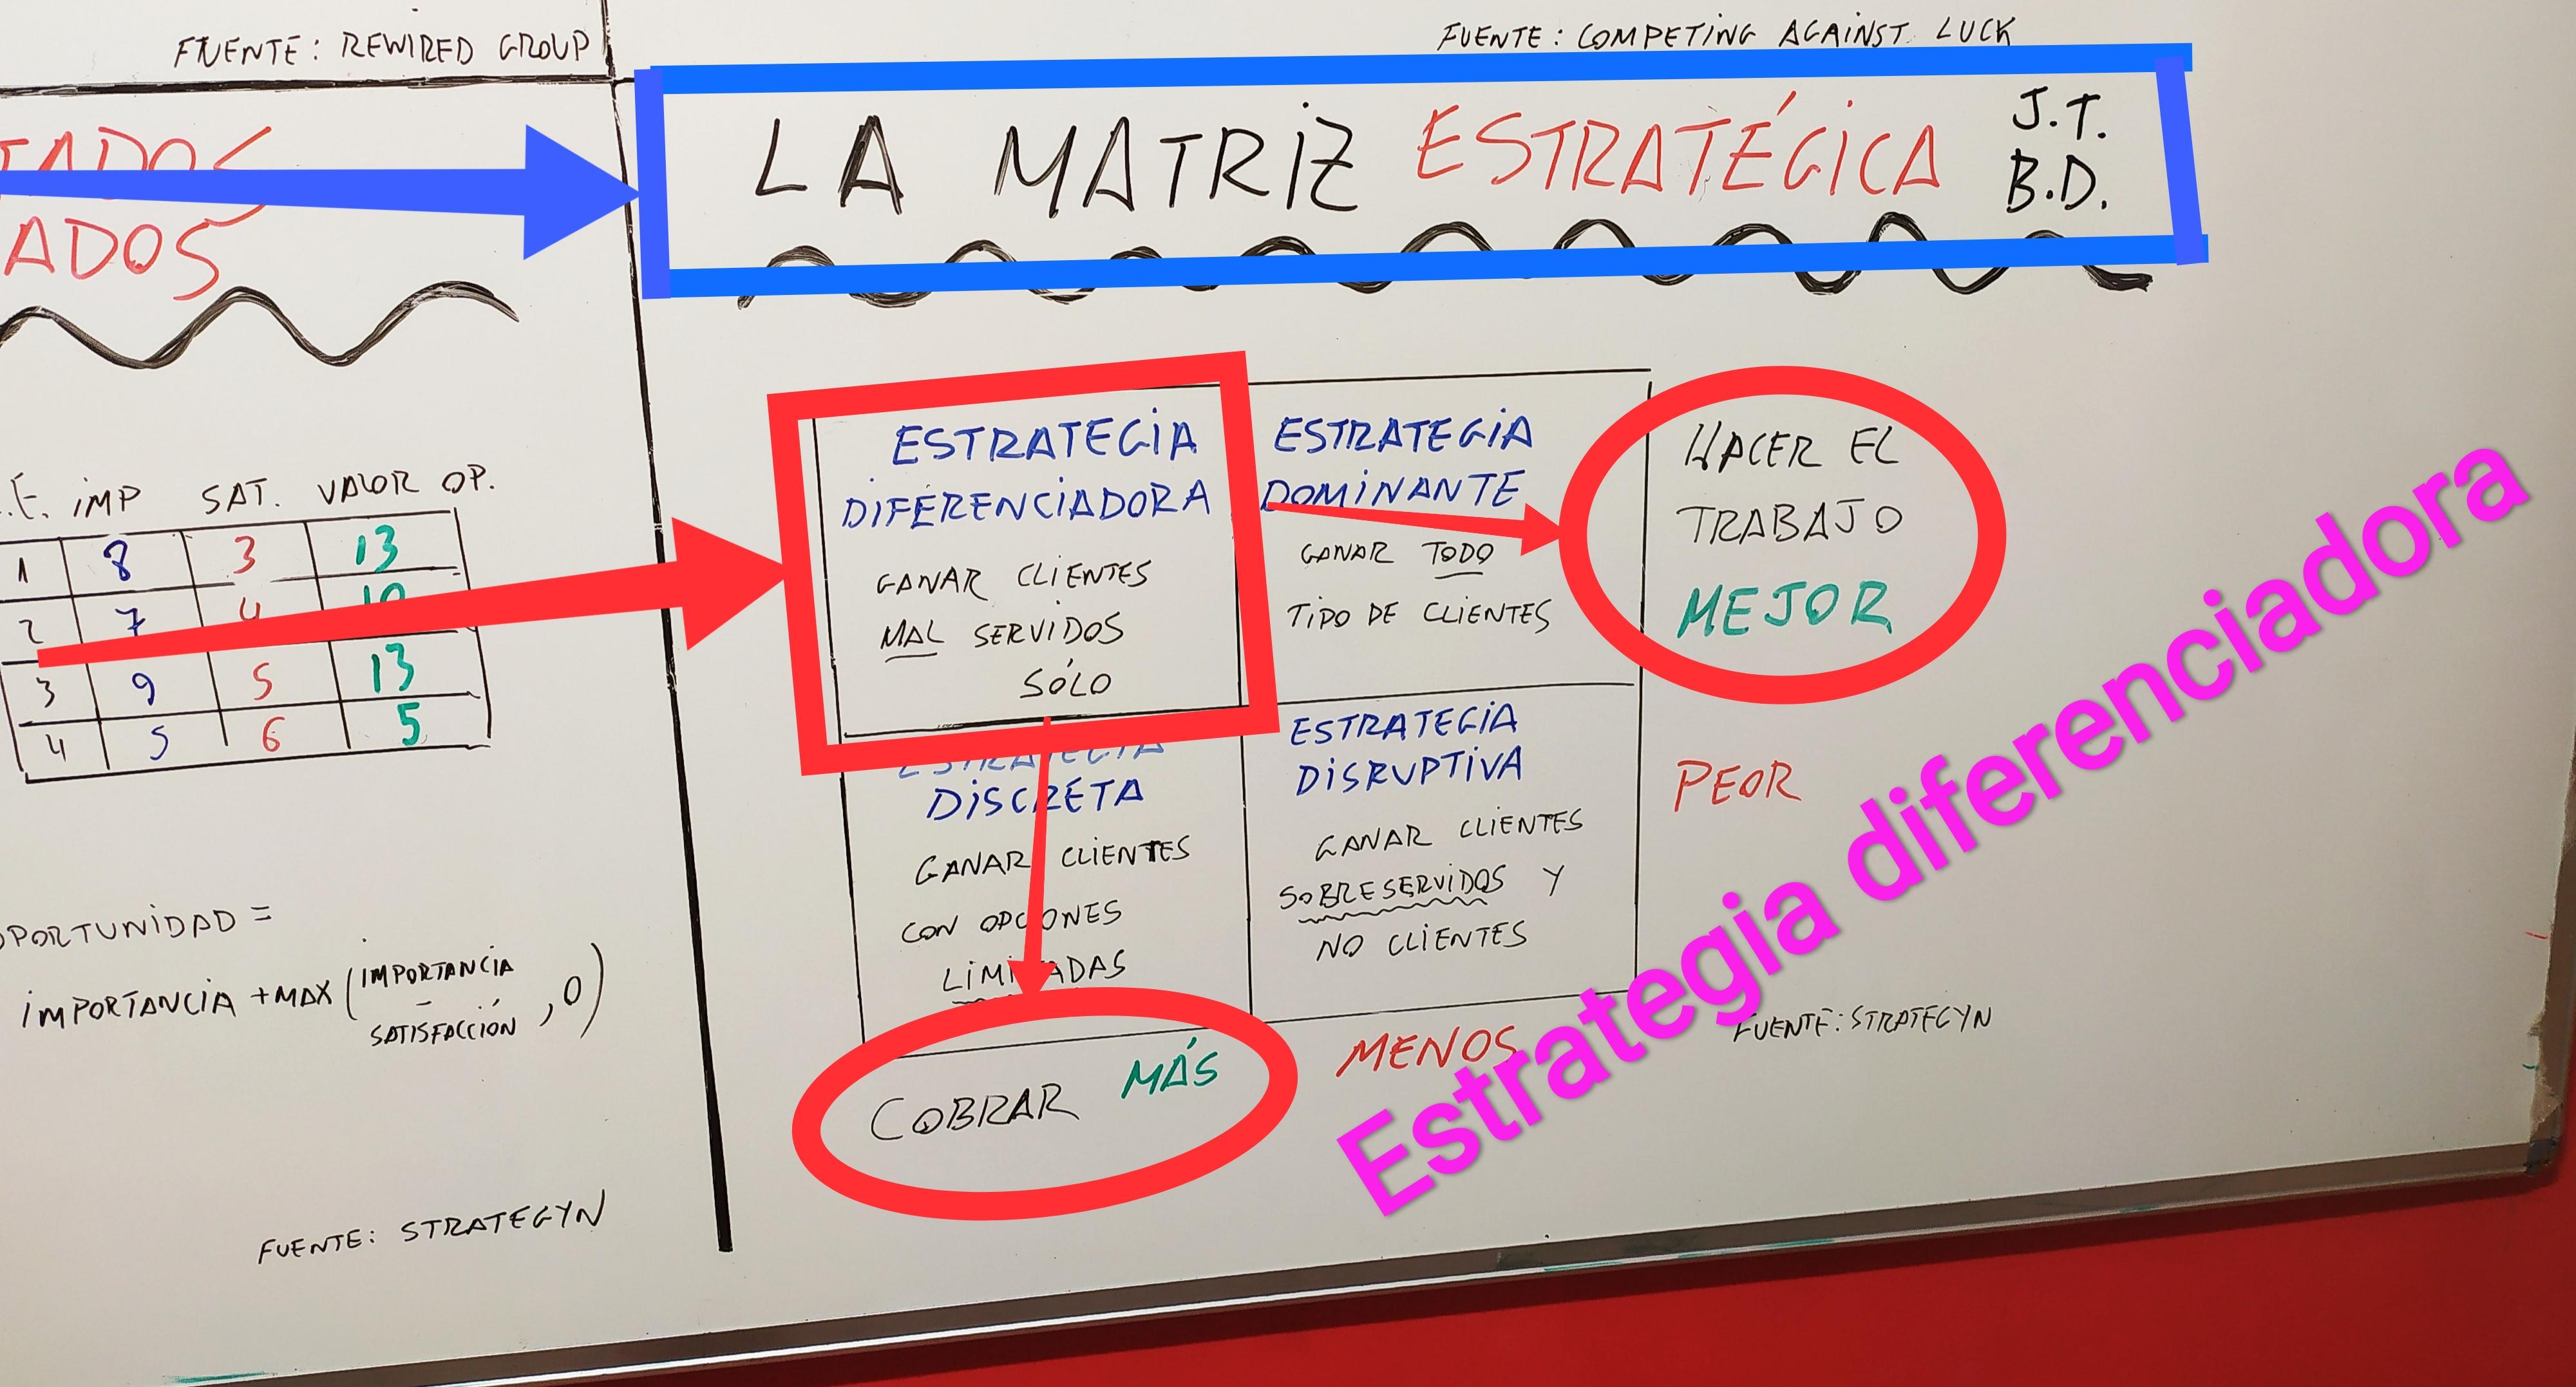 Matriz estratégica de Jobs to be done: Estrategia Diferenciadora.